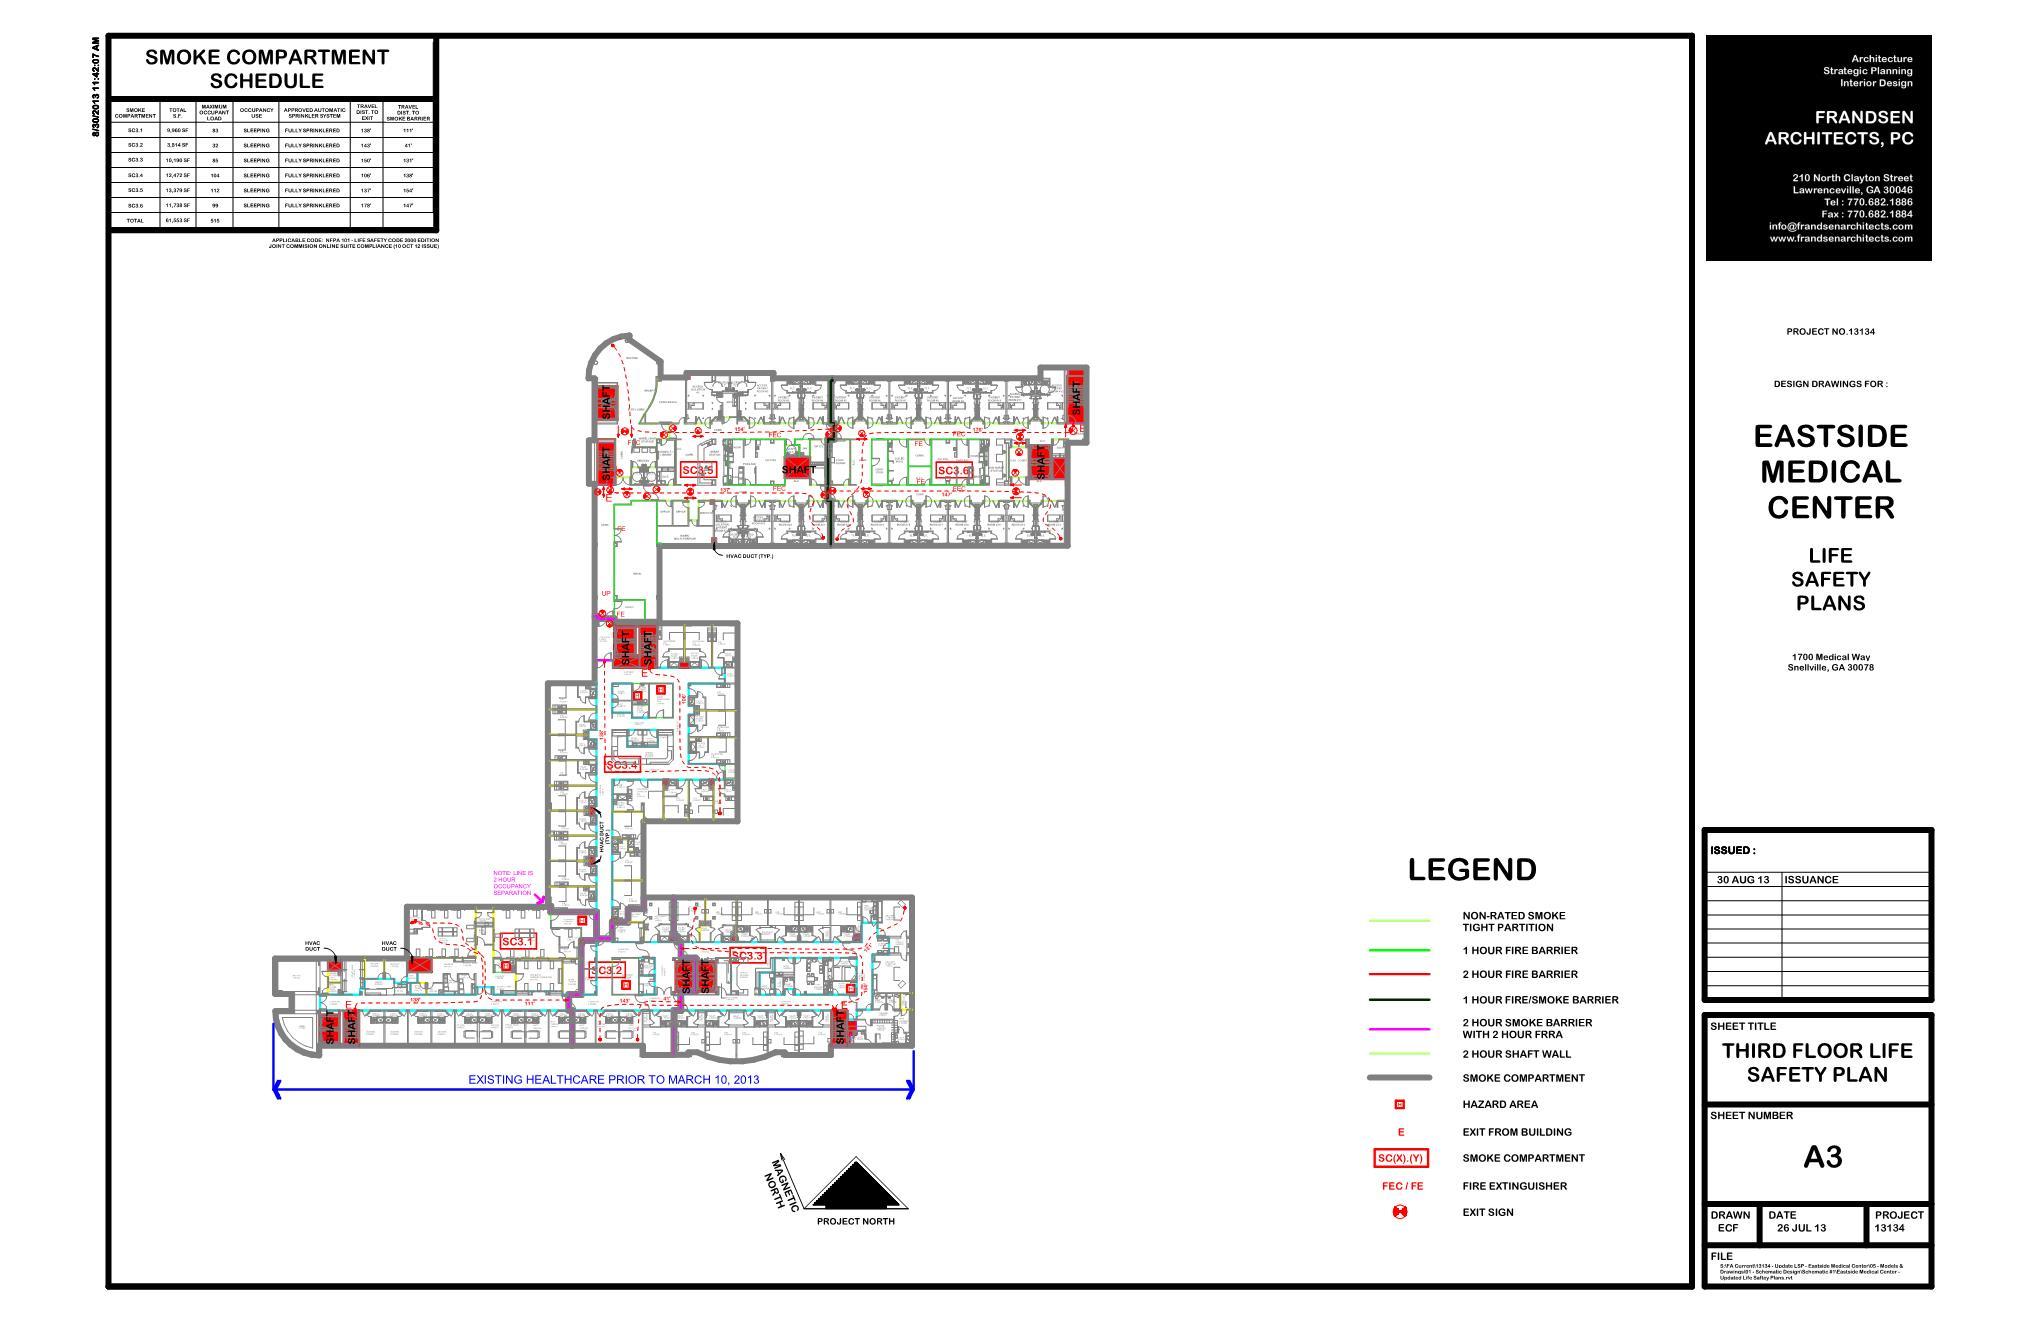 Eastside Medical Center - Updated Life Saftey Plans Page 004.jpg